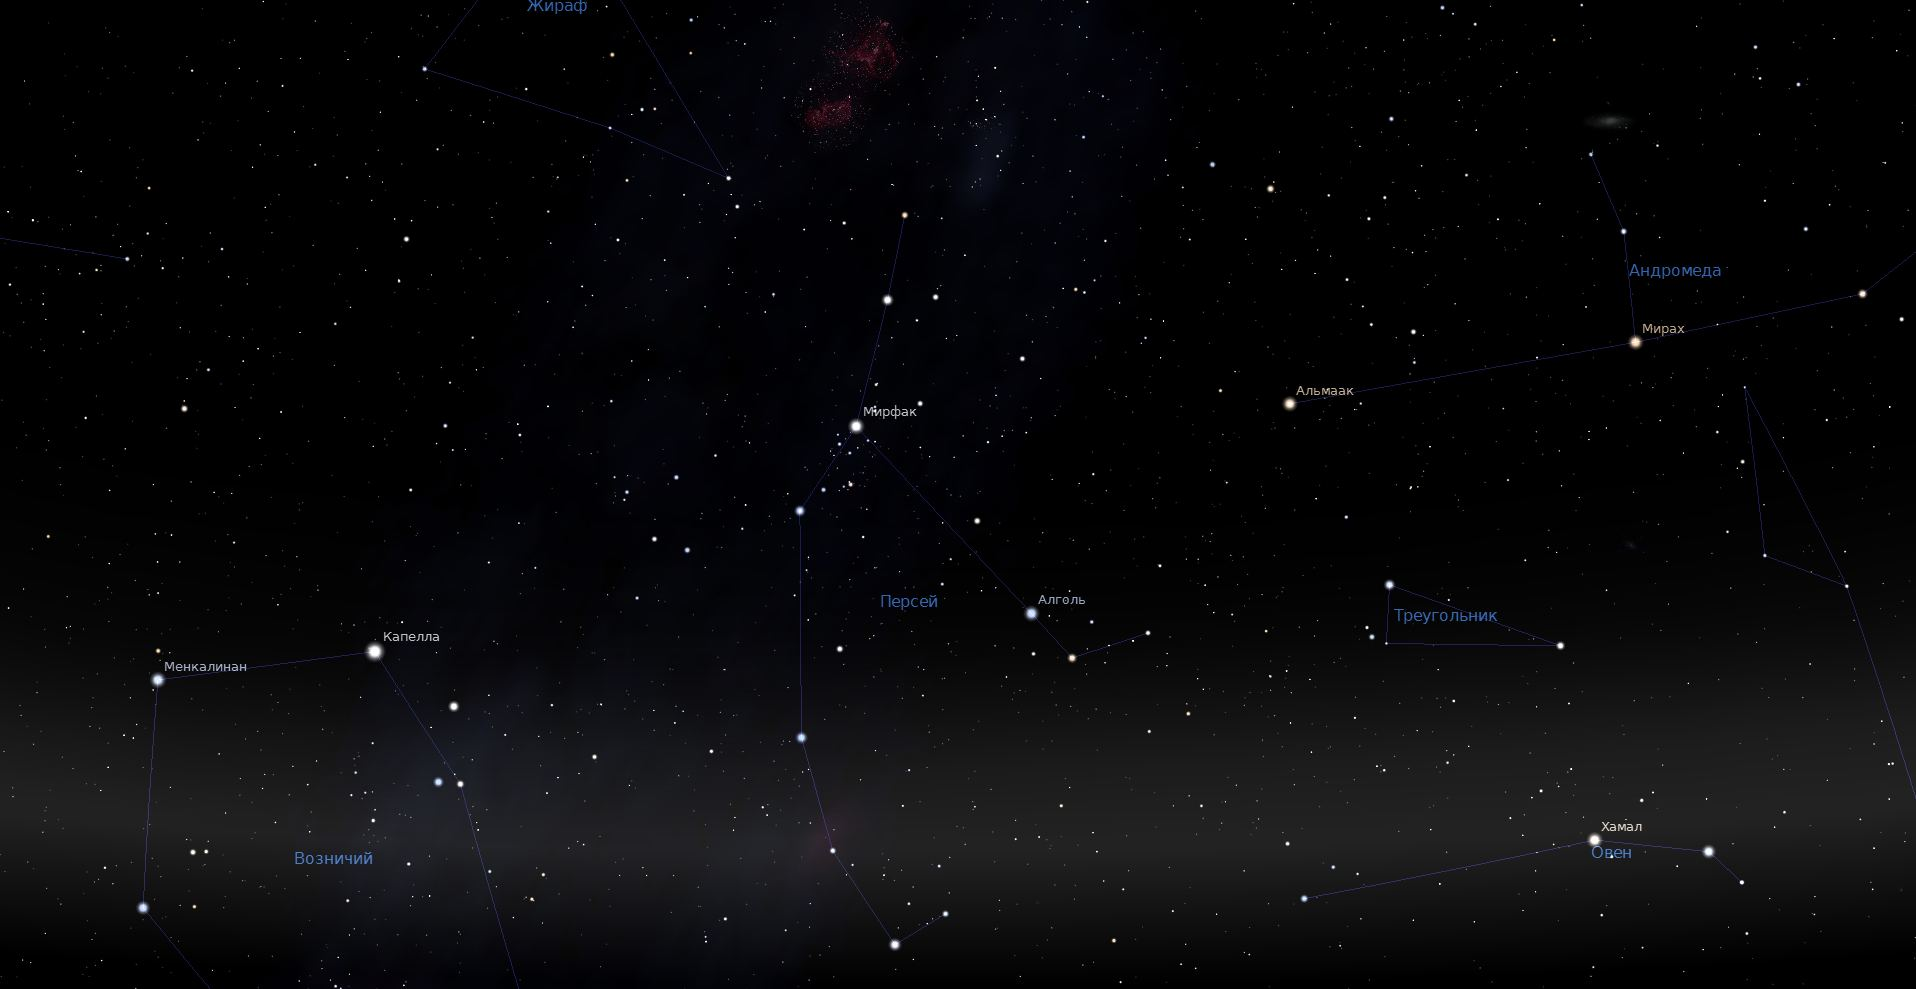 Созвездие Персея на ночном небе